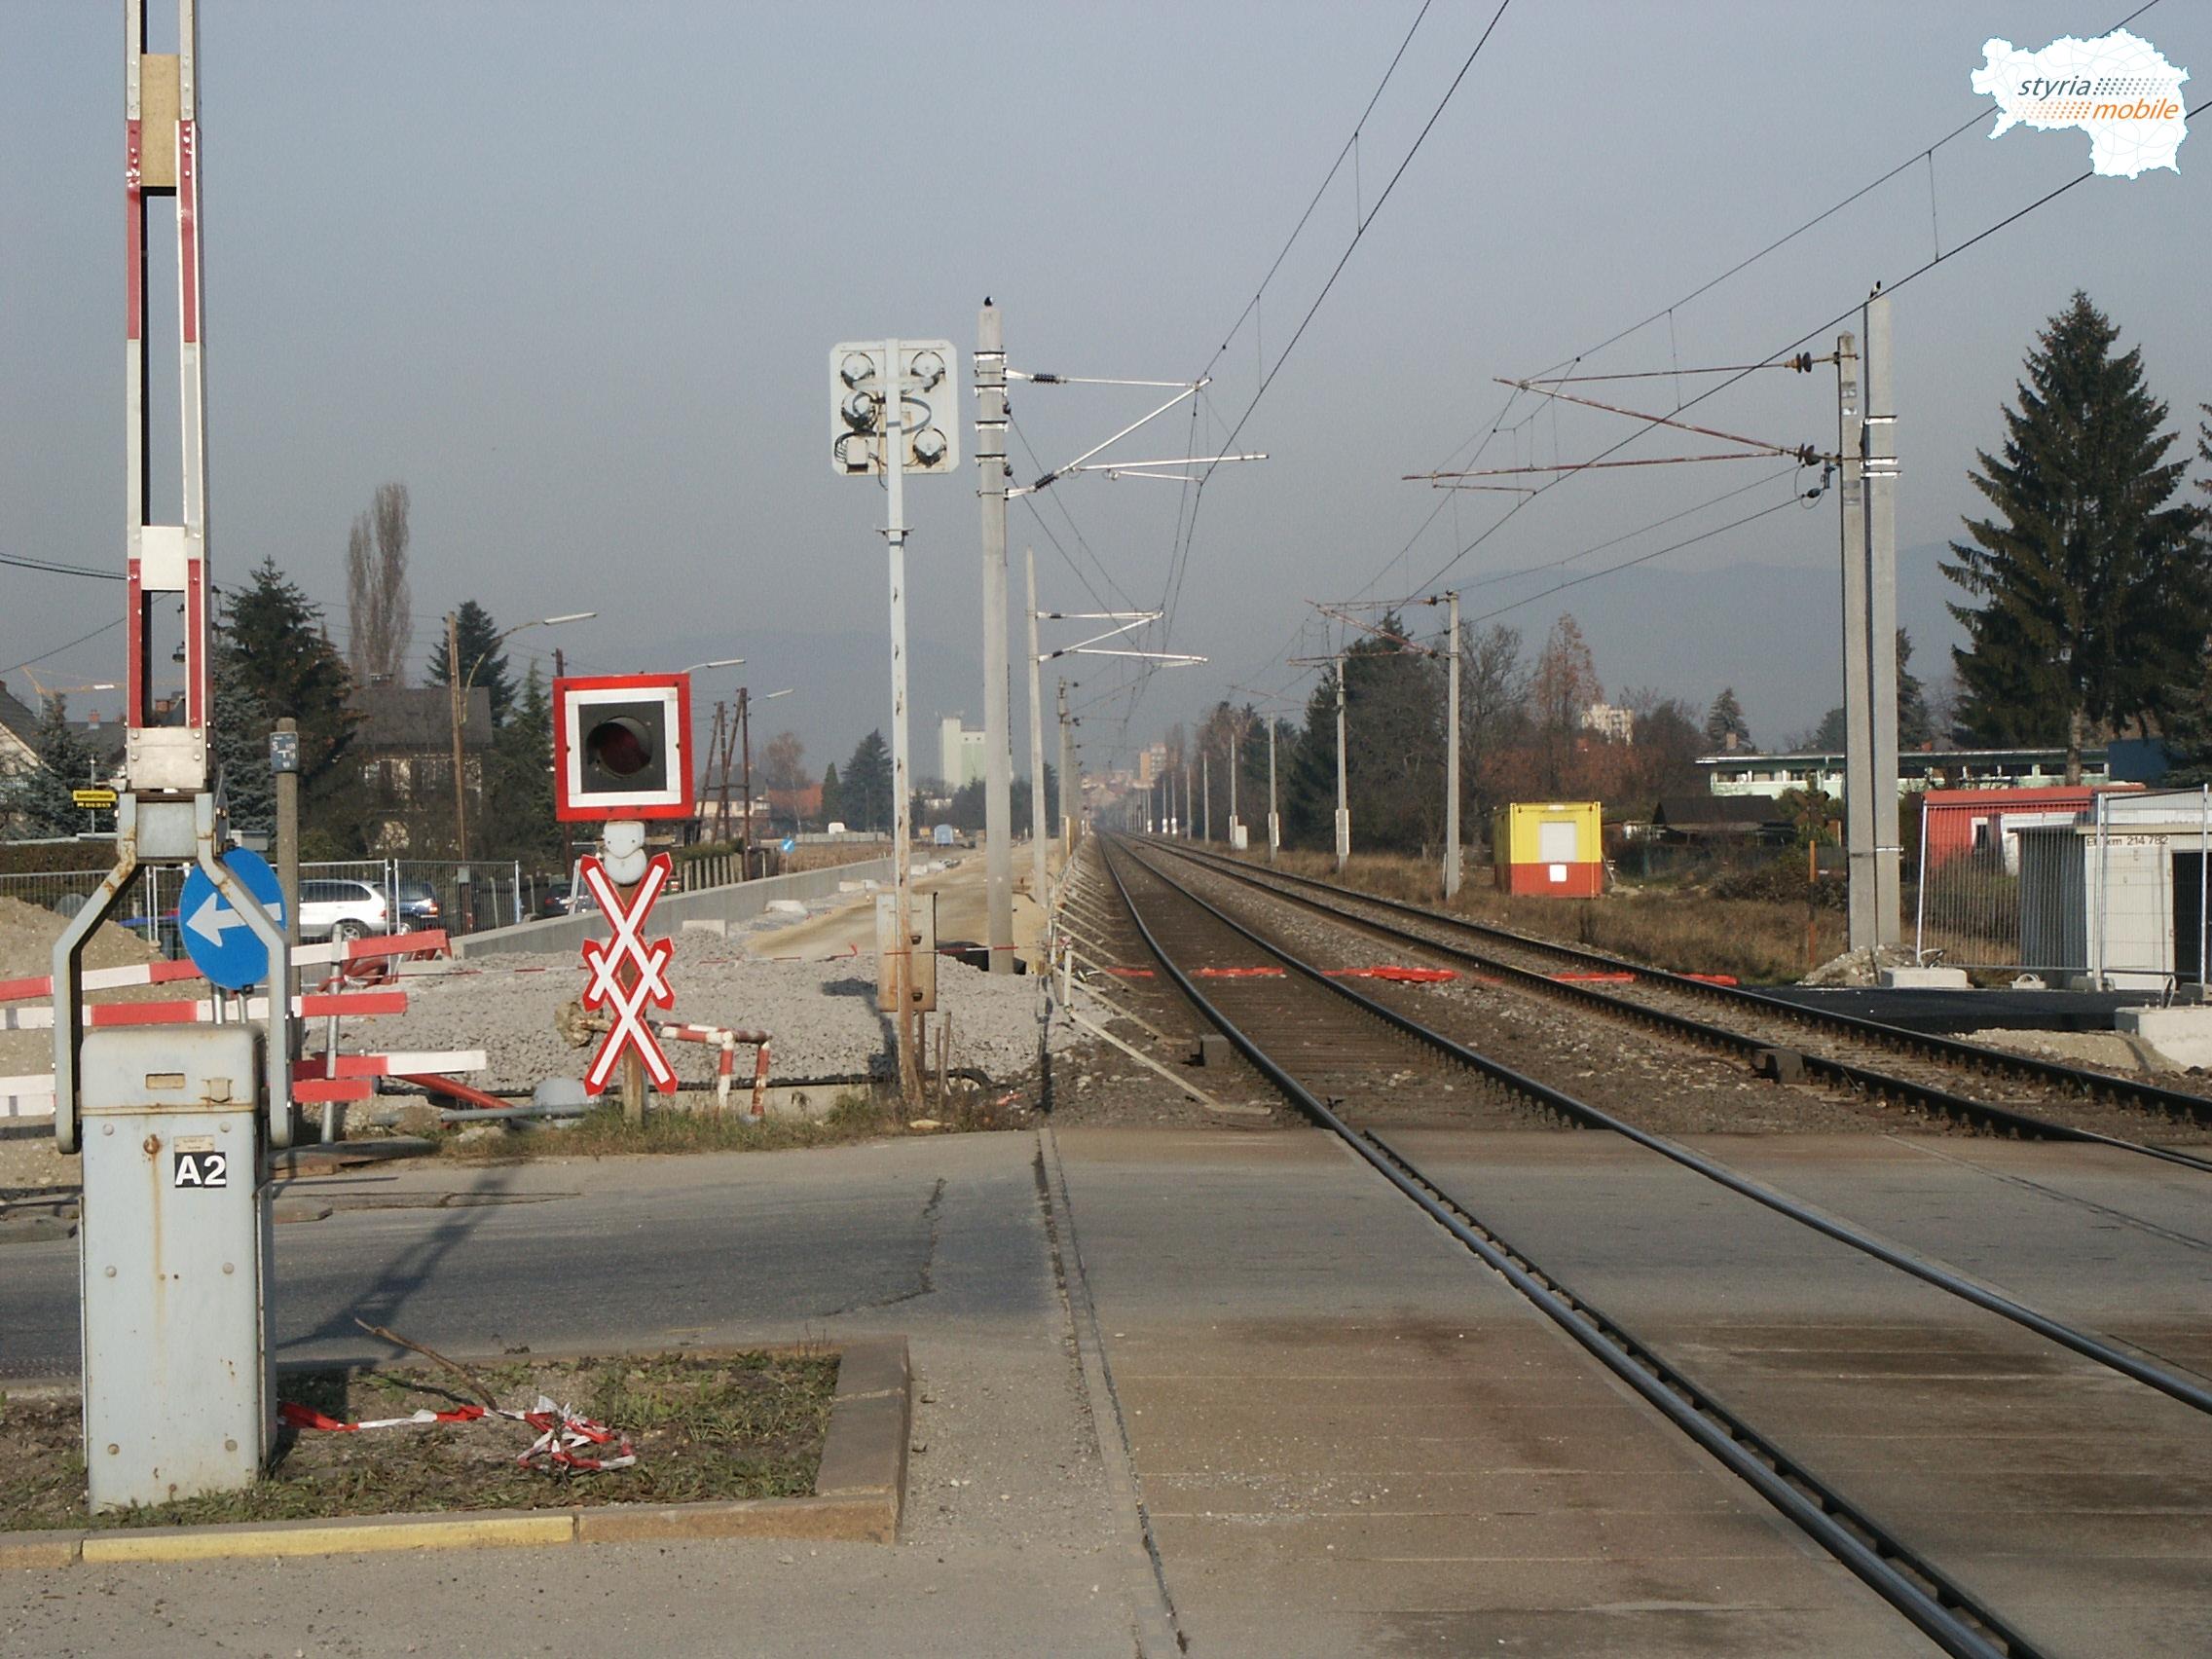 Bahnunterführung Kapellenstraße